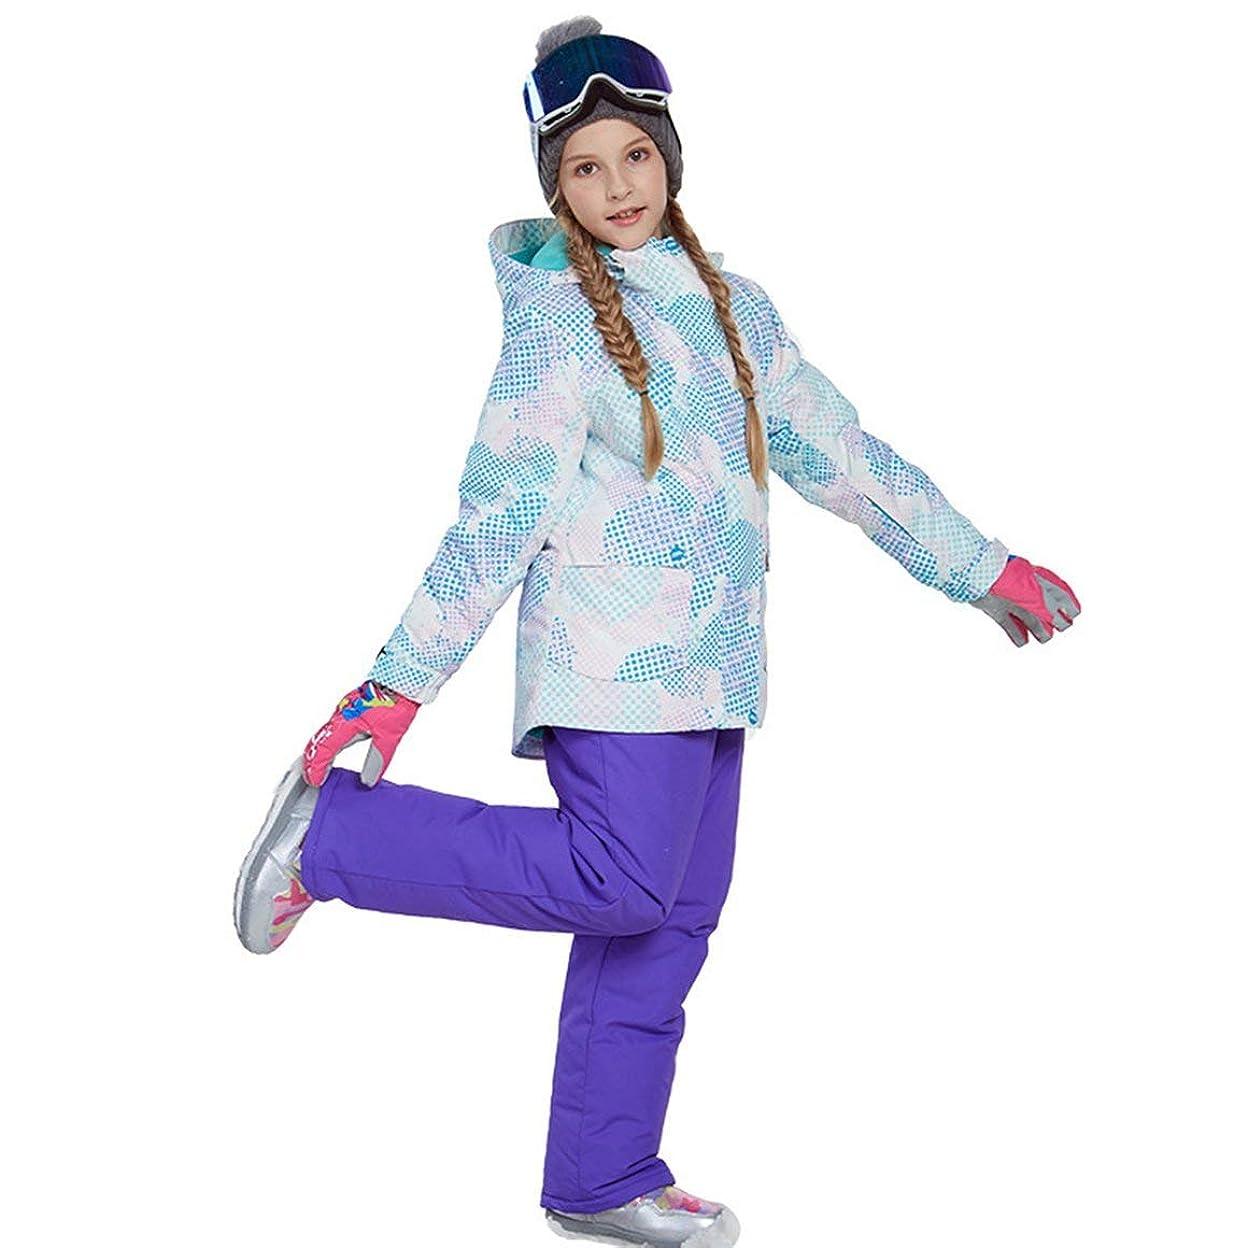 食品嫌なピックラブリーボーイズガールズウィンタースノーボードパーカージャケットスノービブスノースーツセット暖かいスノースーツフード付きスキージャケット+パンツ2個セット-パープル158/164